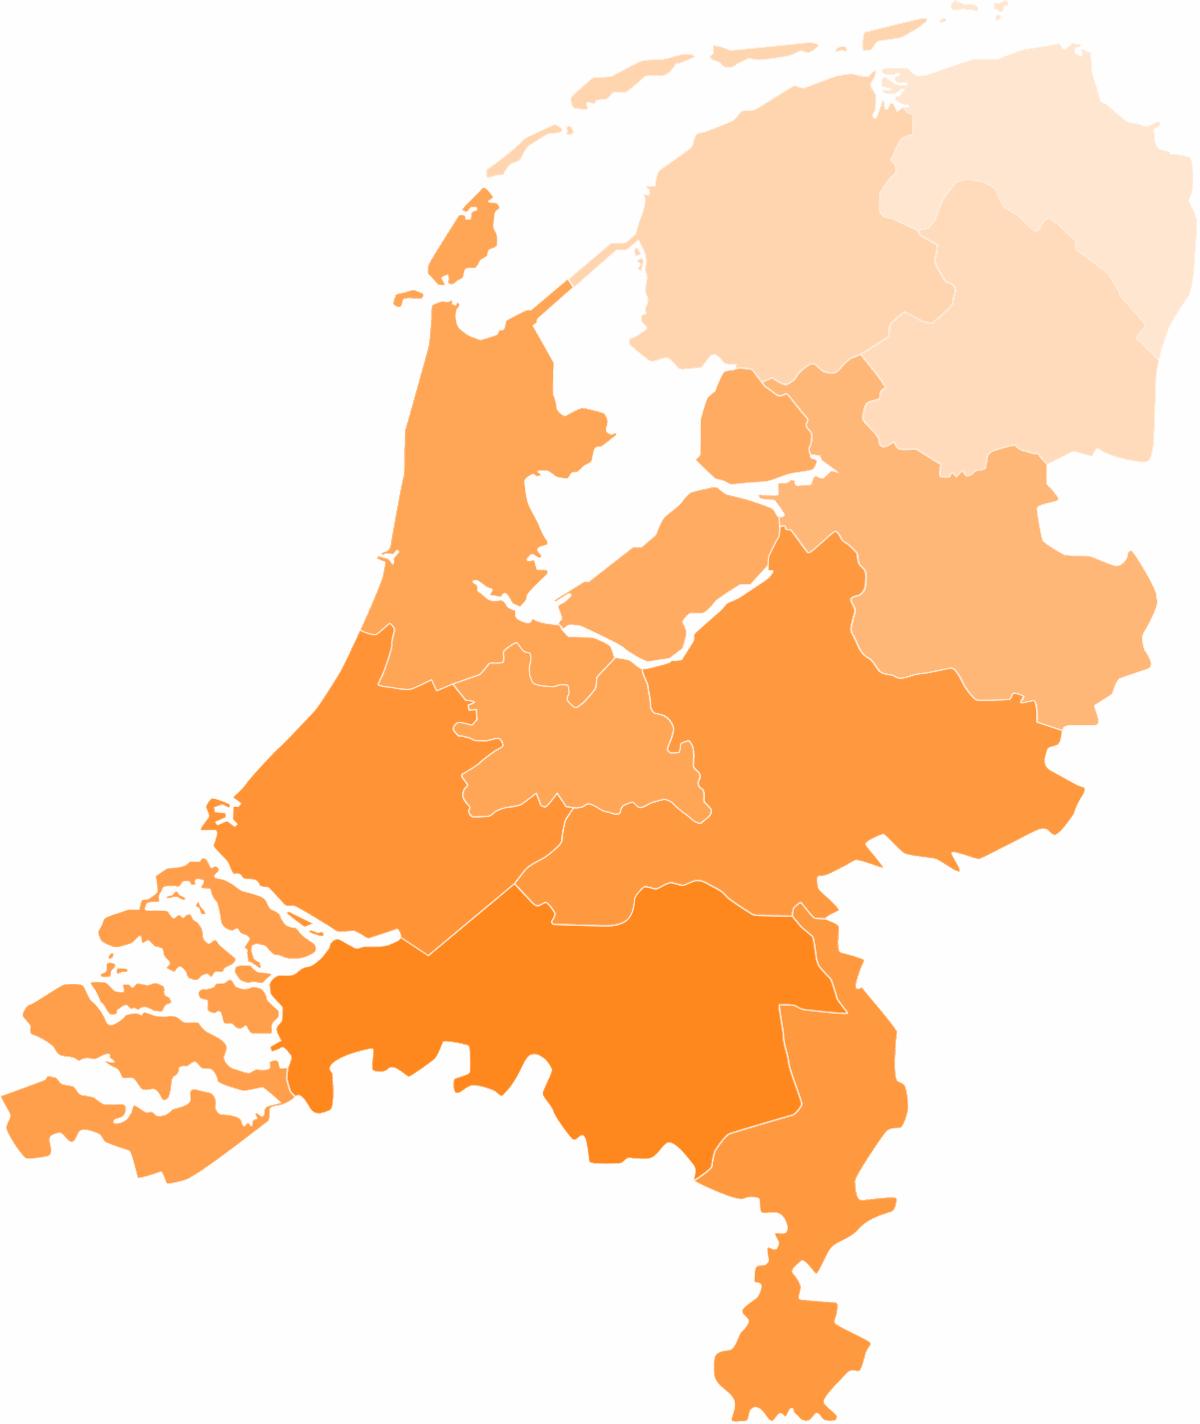 ik wil van mijn huis af Nederland